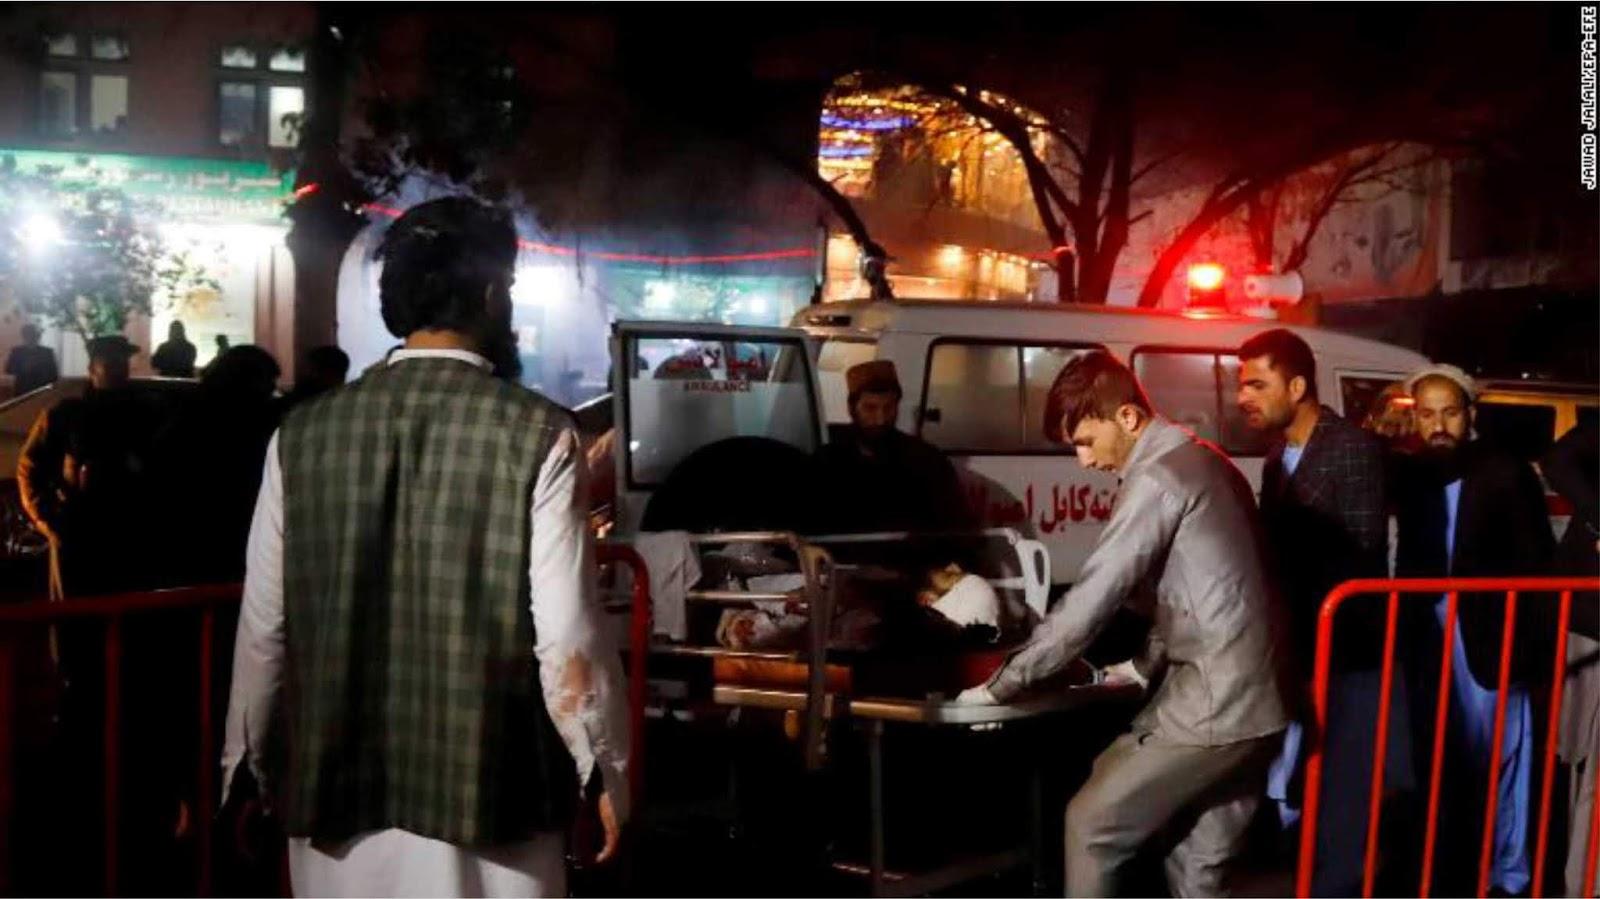 Ledakan teror menewaskan lebih dari 50 orang, puluhan luka di ibukota Afghanistan